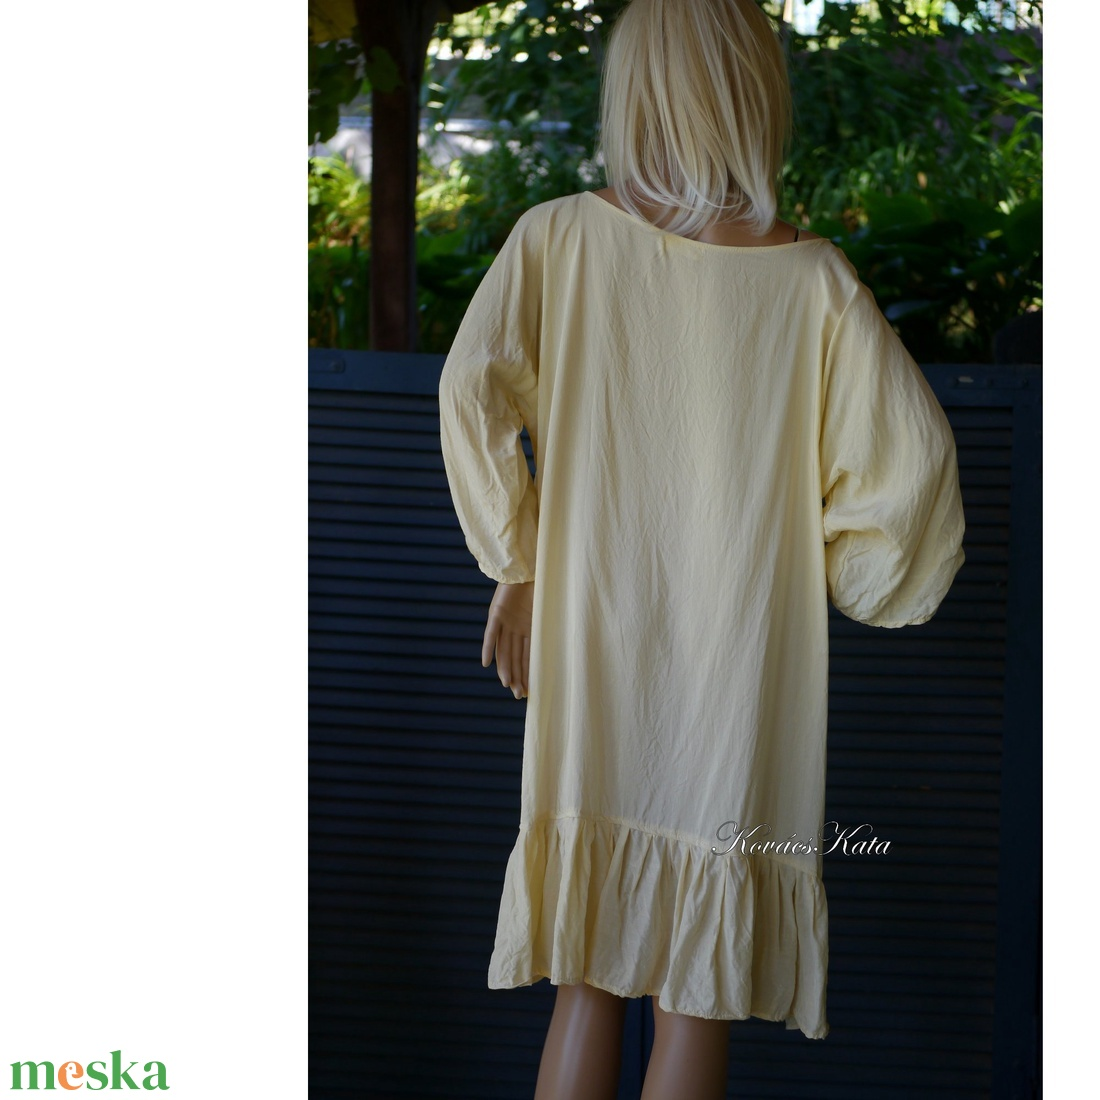 GINA - viszkóz-selyem flapper ruha, tunika-ruha - ruha & divat - női ruha - alkalmi ruha & estélyi ruha - Meska.hu